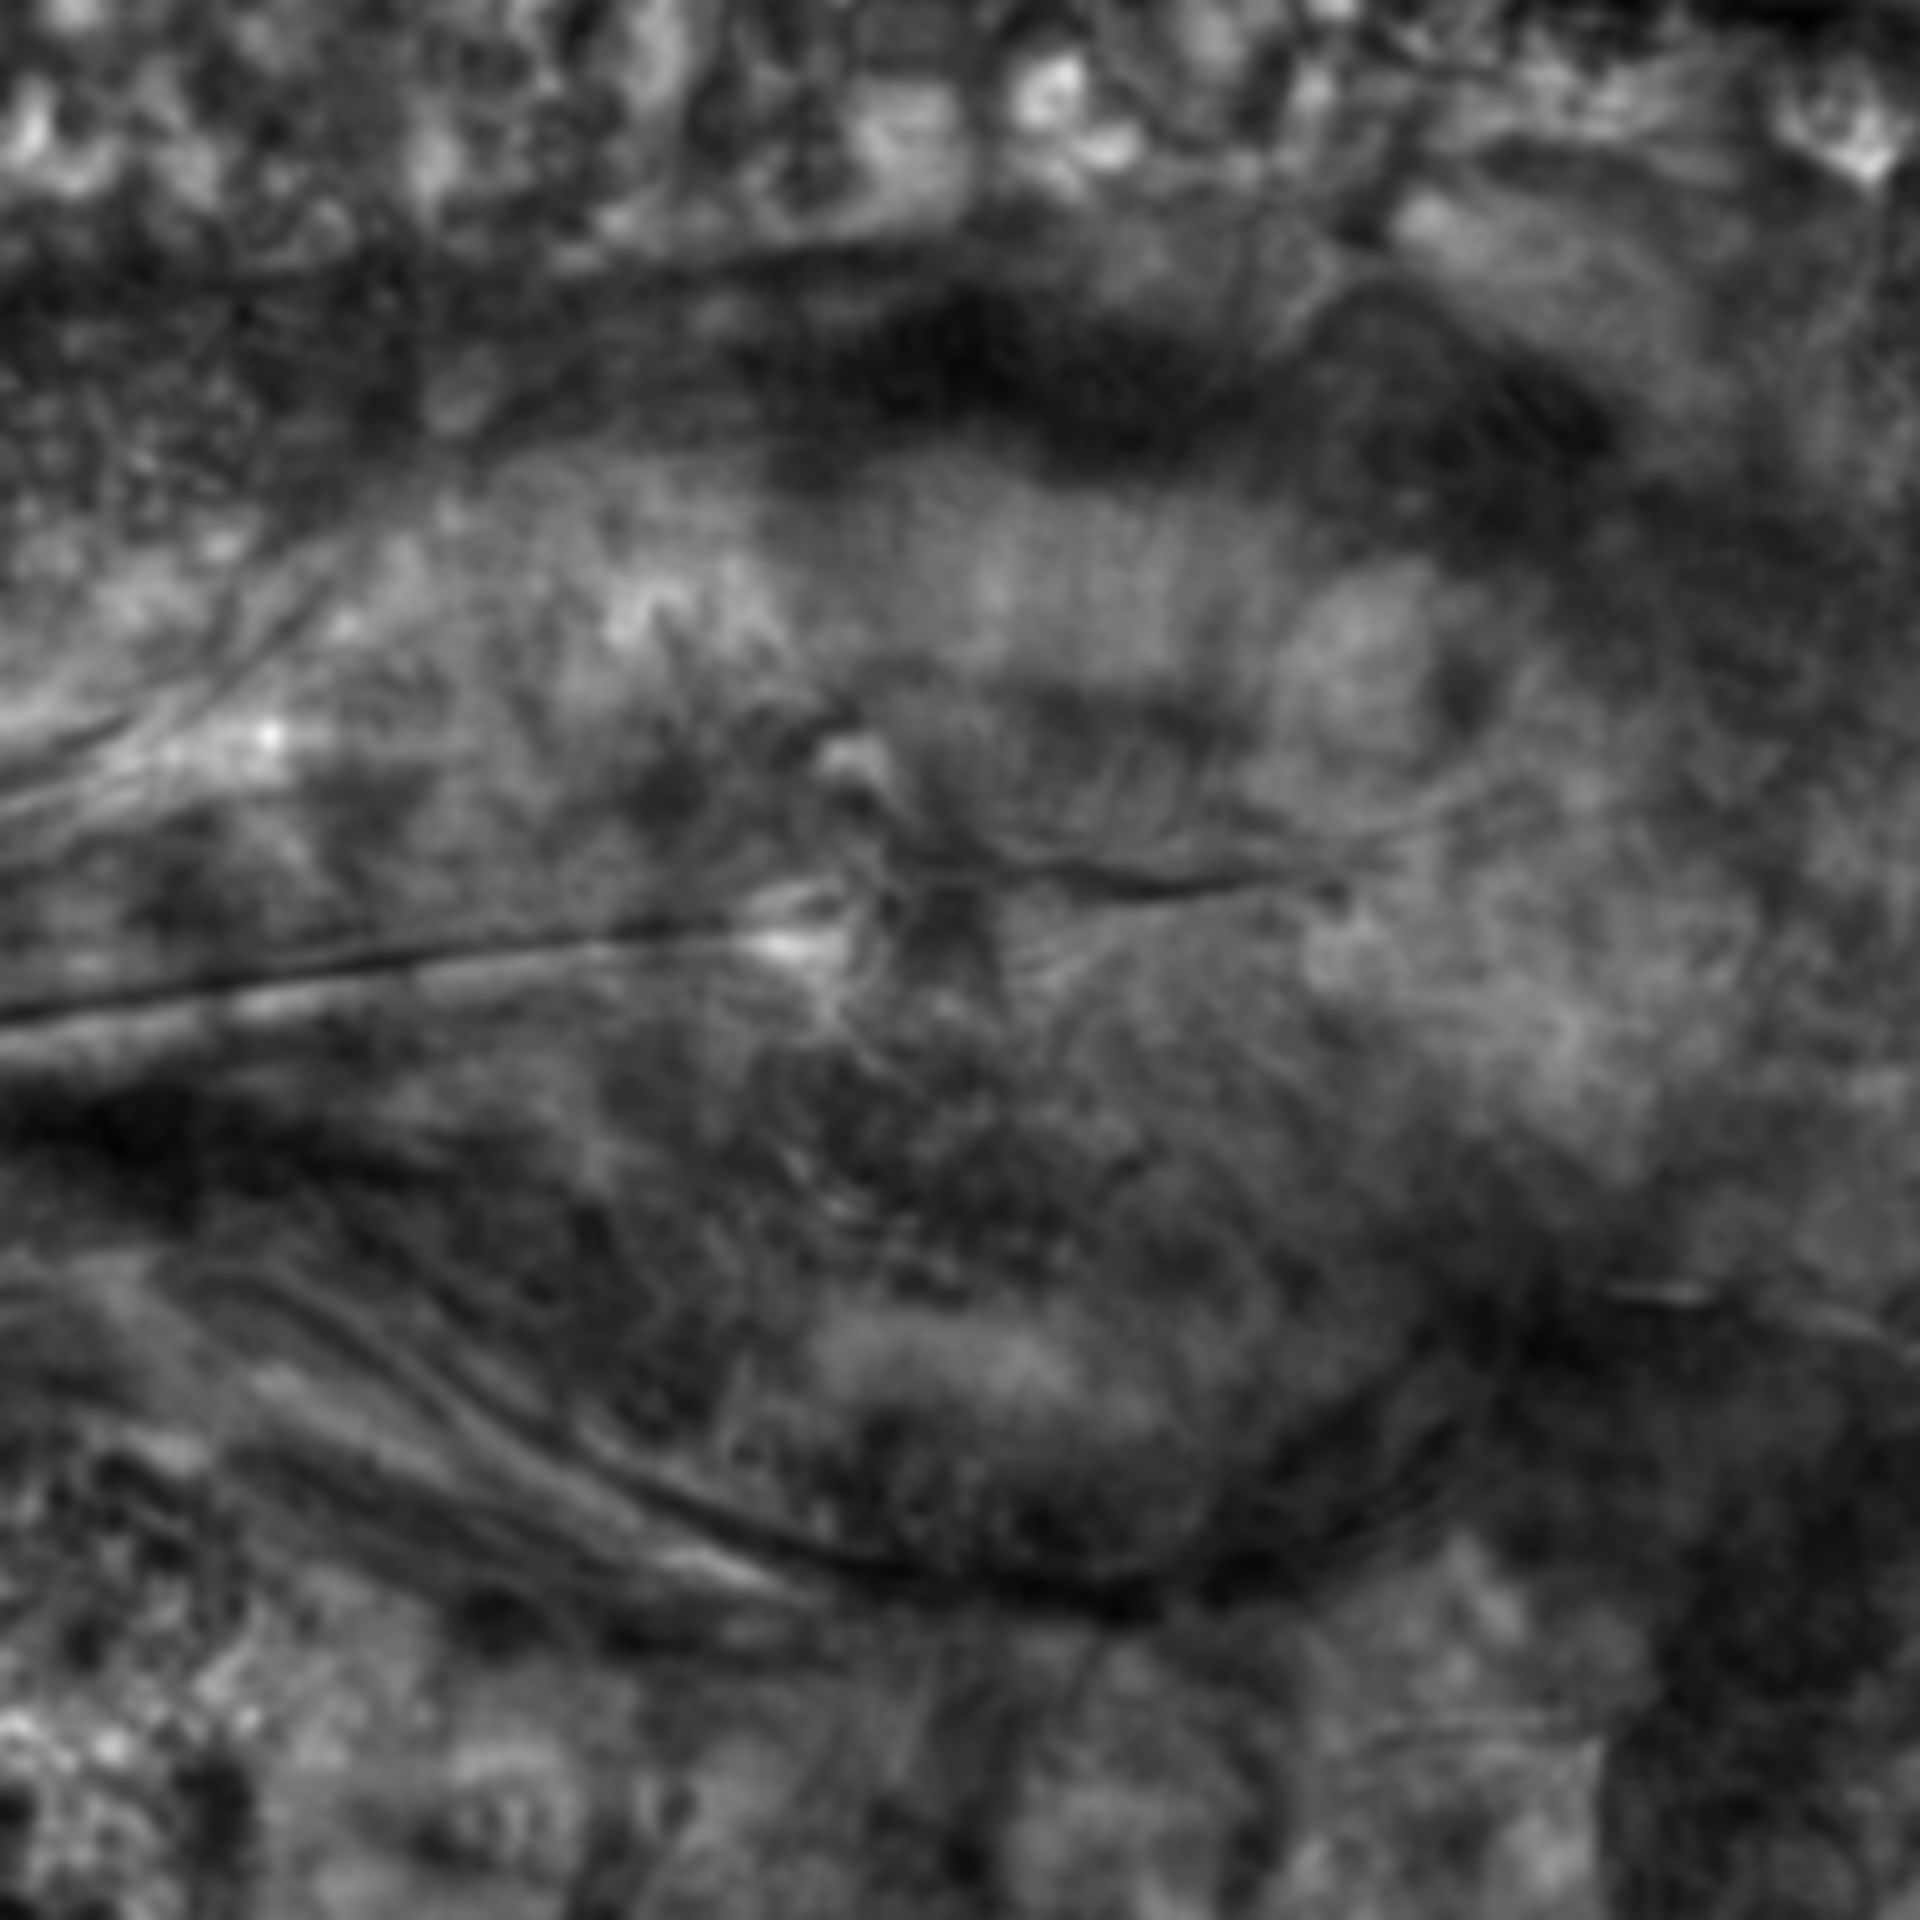 Caenorhabditis elegans - CIL:2191